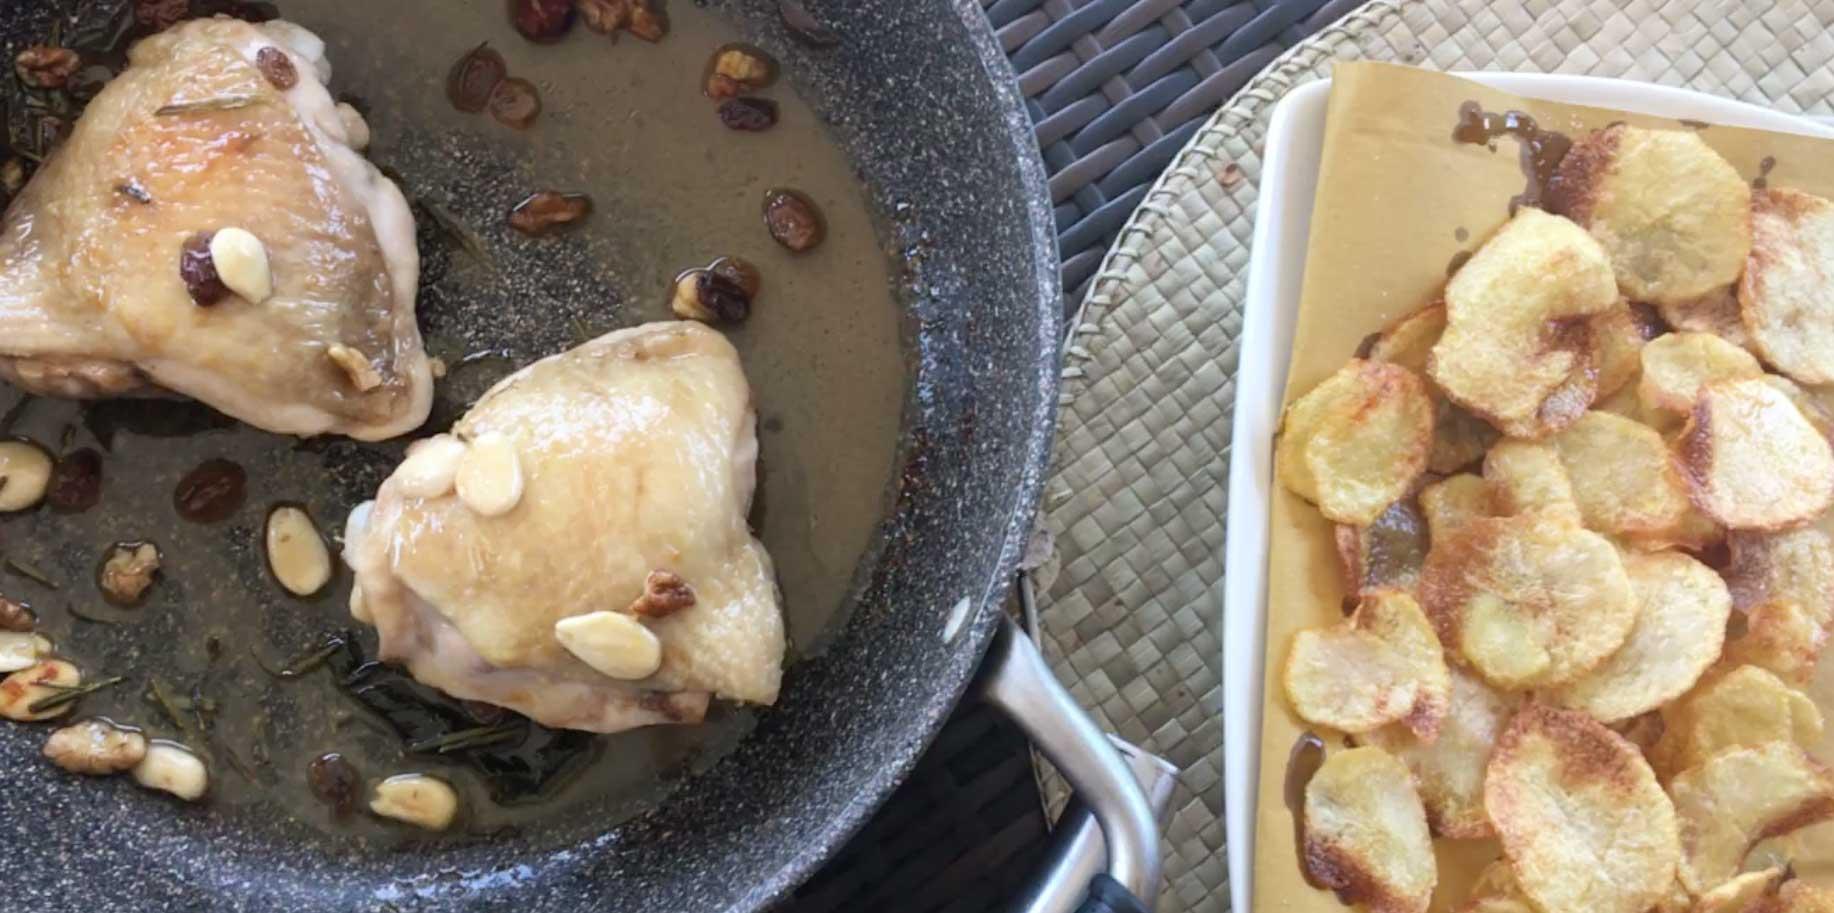 Sovracosce di pollo mandorle e uvetta